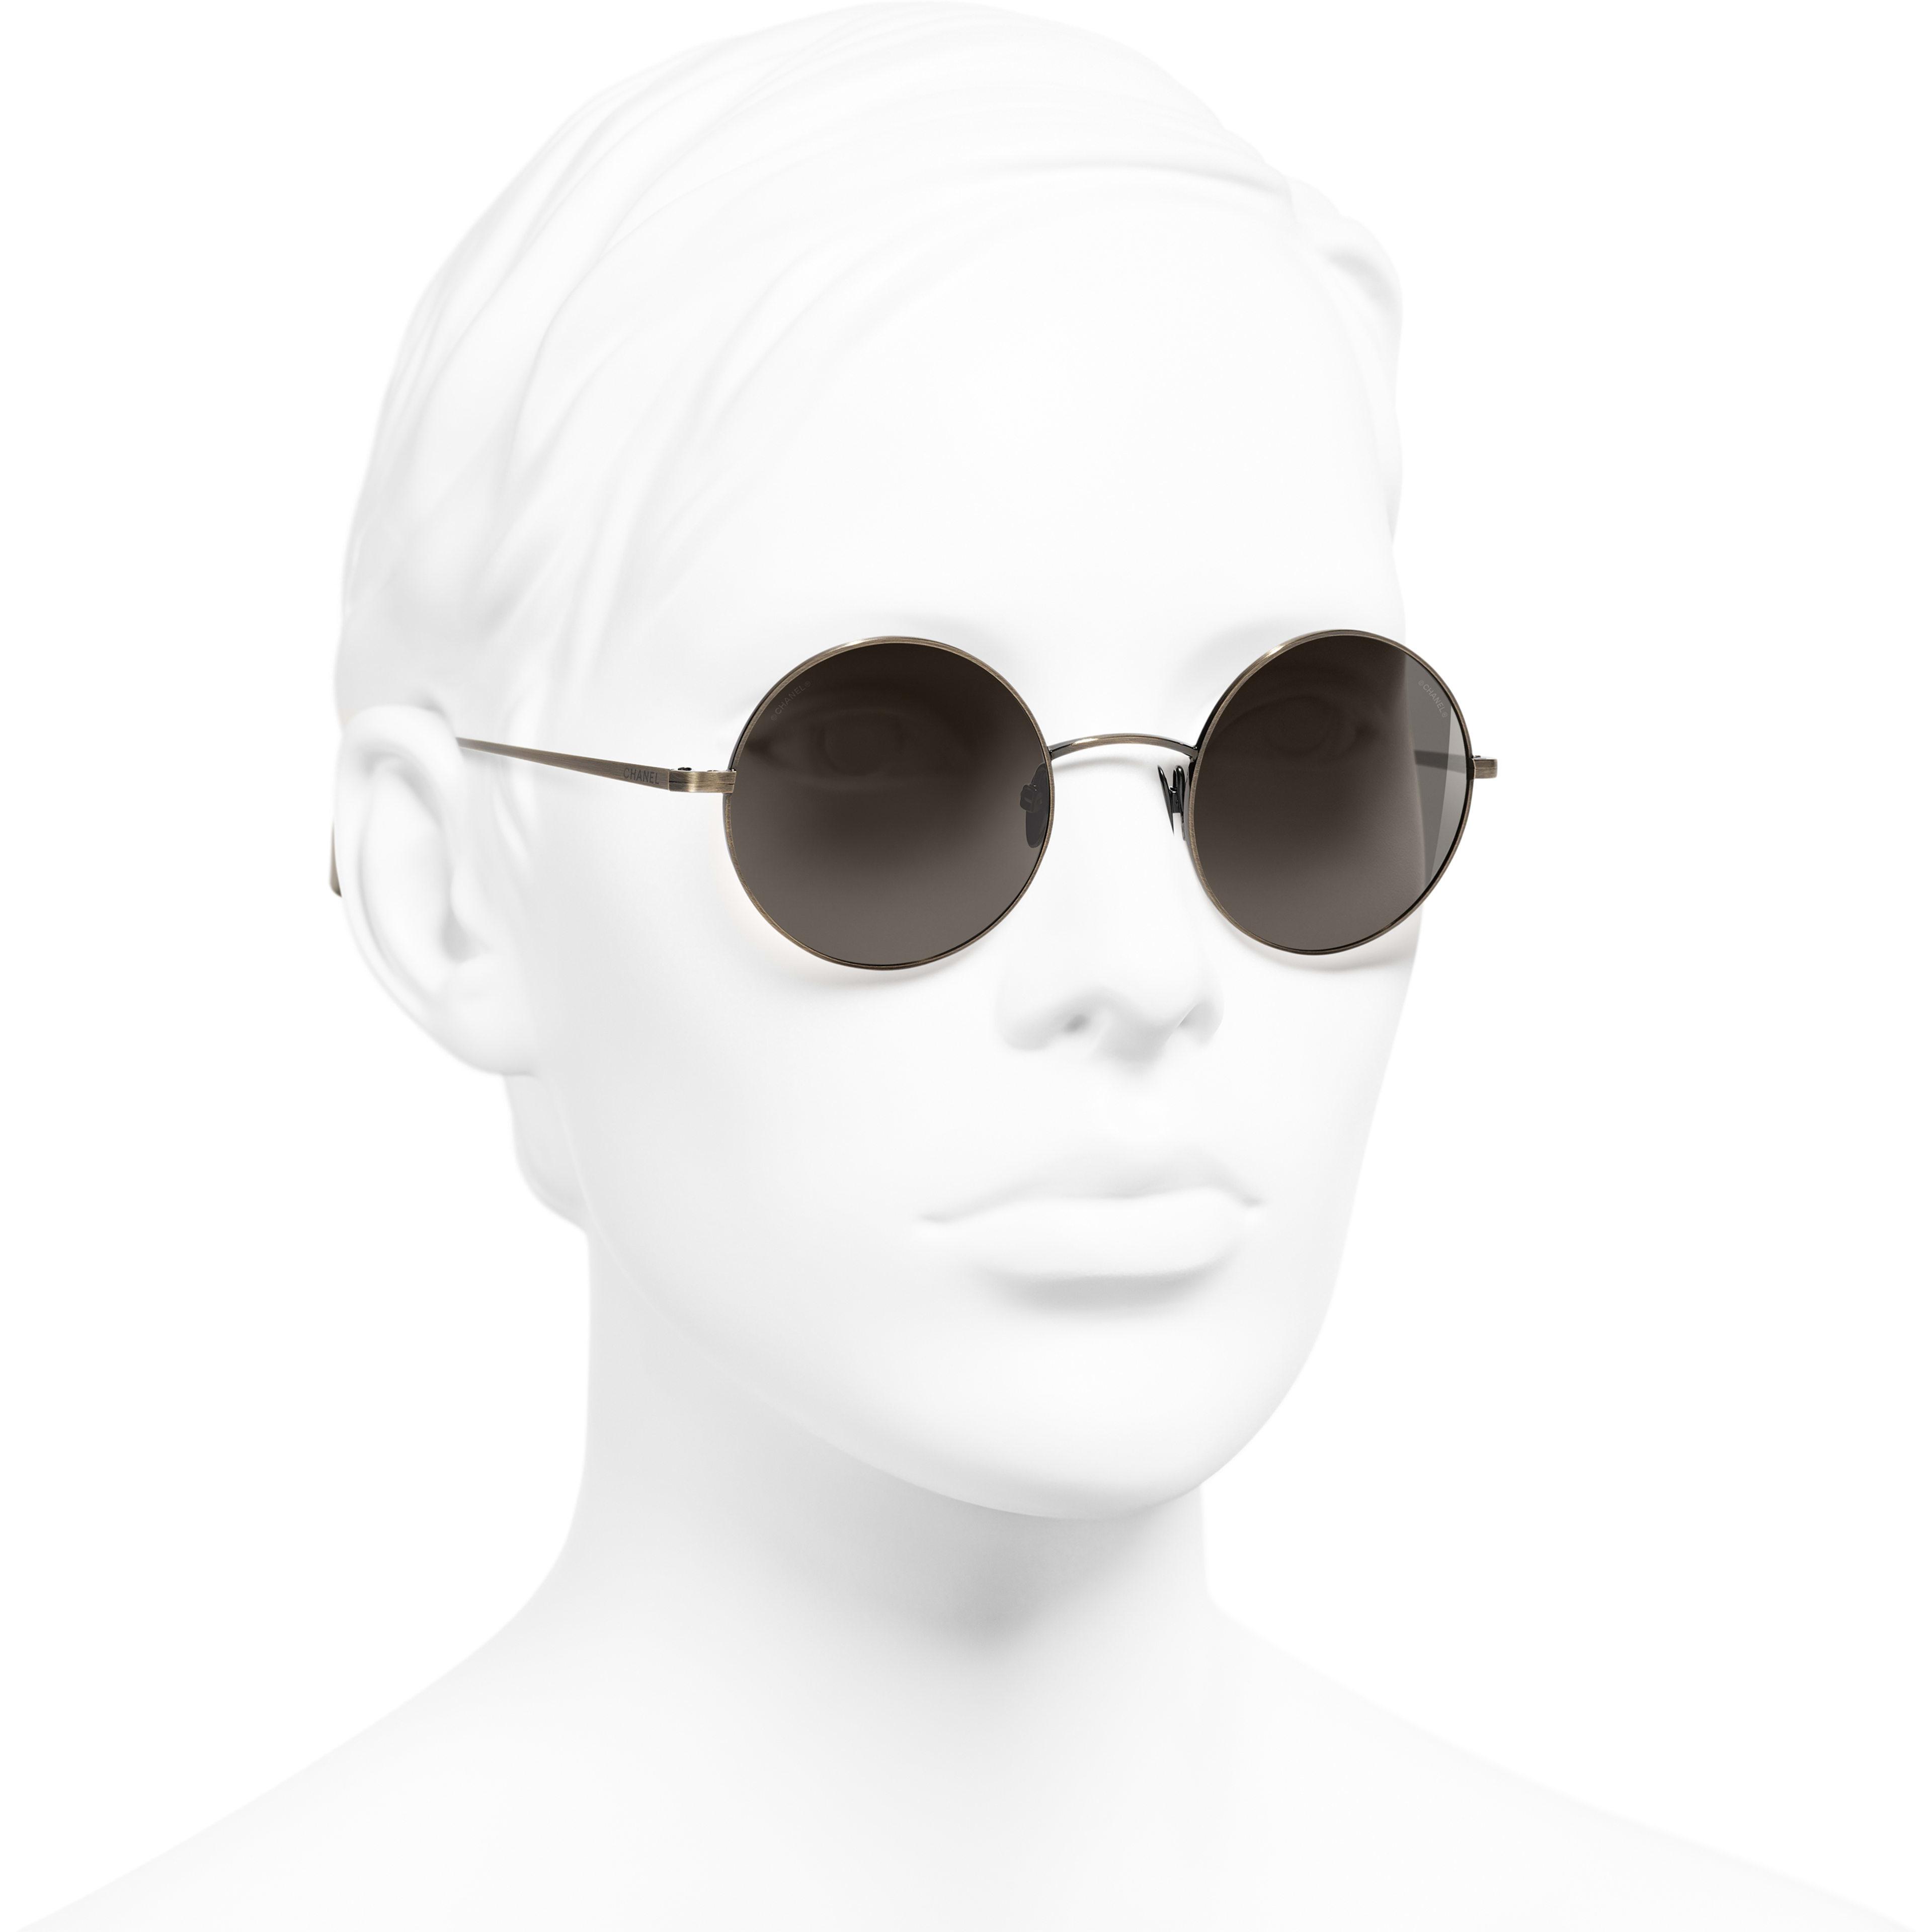 แว่นตากันแดดทรงกลม - สีทอง - ไทเทเนียม - CHANEL - มุมมองการสวมใส่ 3/4 - ดูเวอร์ชันขนาดมาตรฐาน